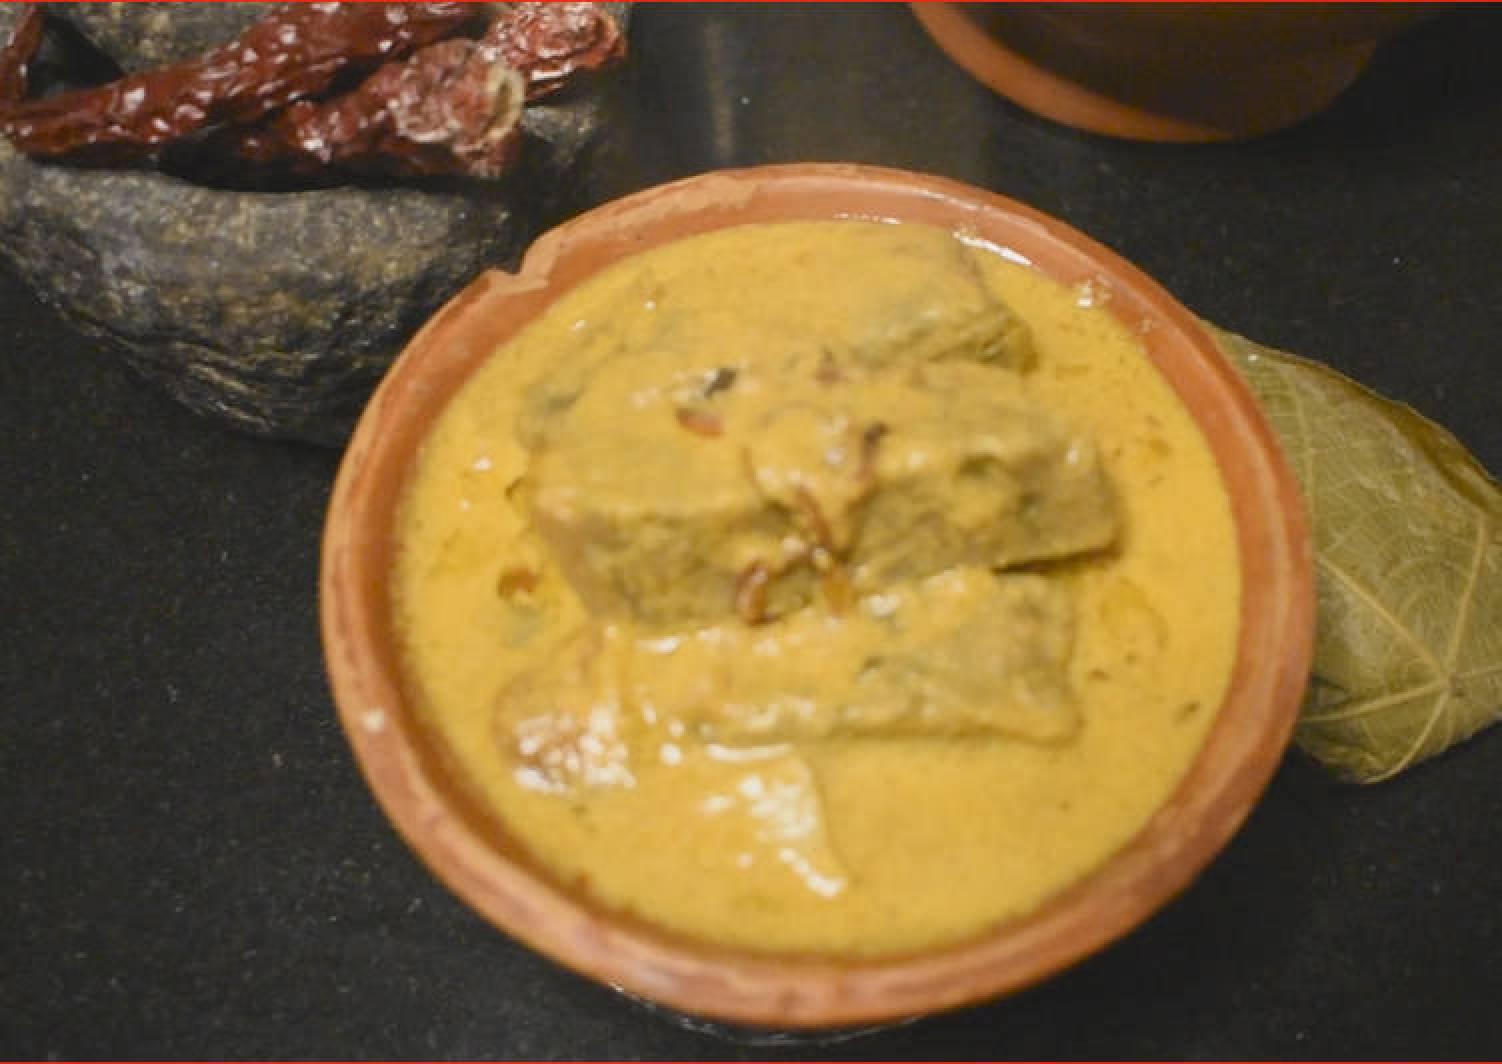 Pathrade Colocasia Rolls in coconut gravy with Mutton Chicken